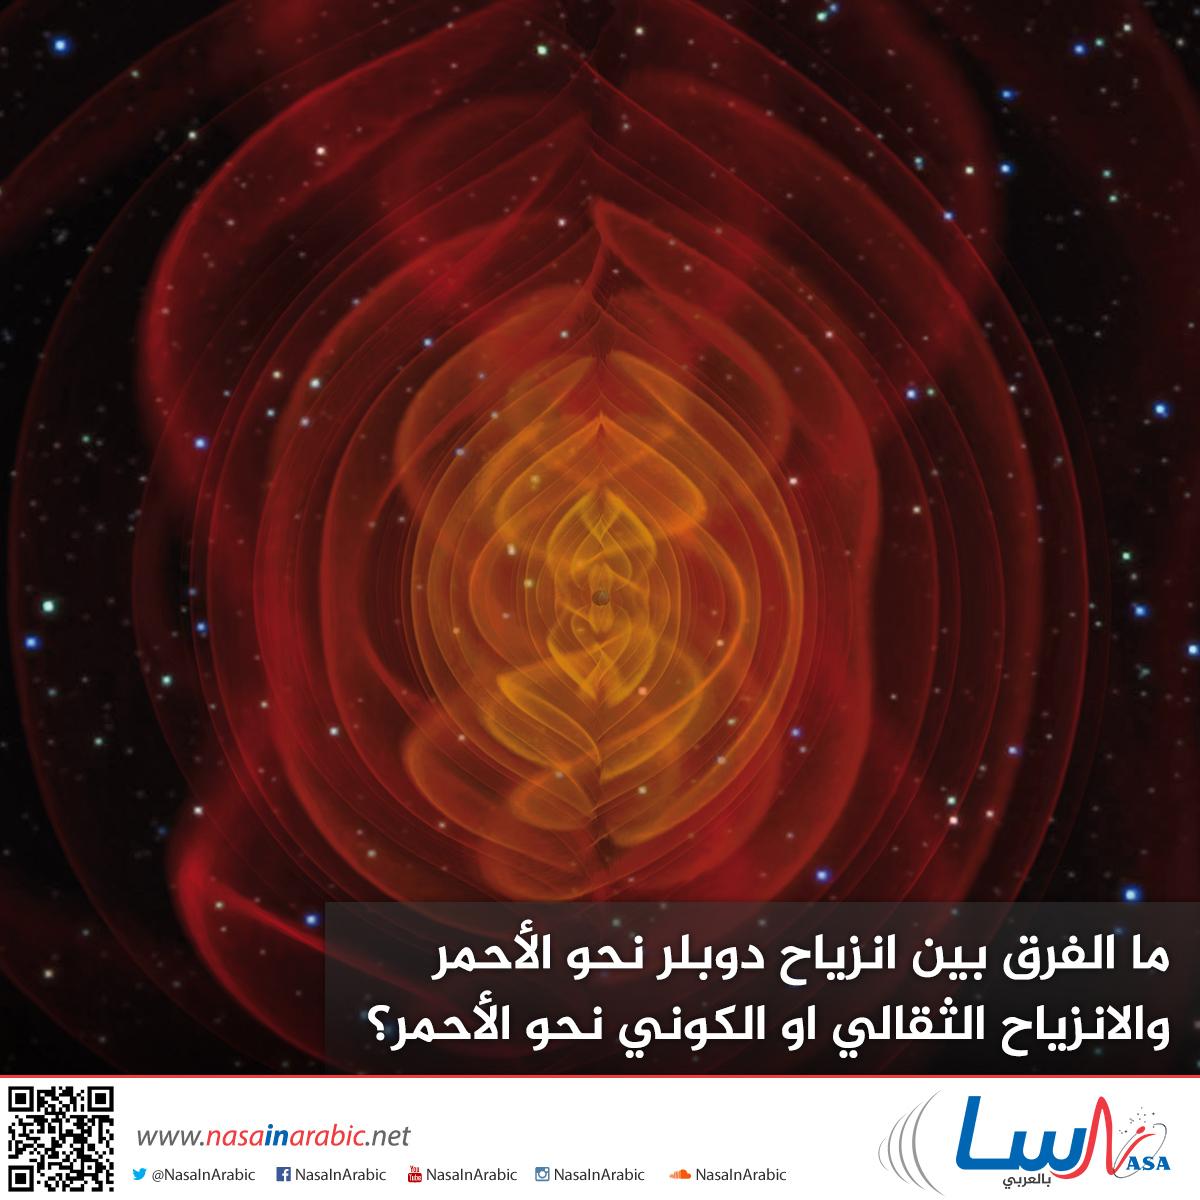 ما الفرق بين انزياح دوبلر نحو الأحمر والانزياح الثقالي او الكوني نحو الأحمر؟